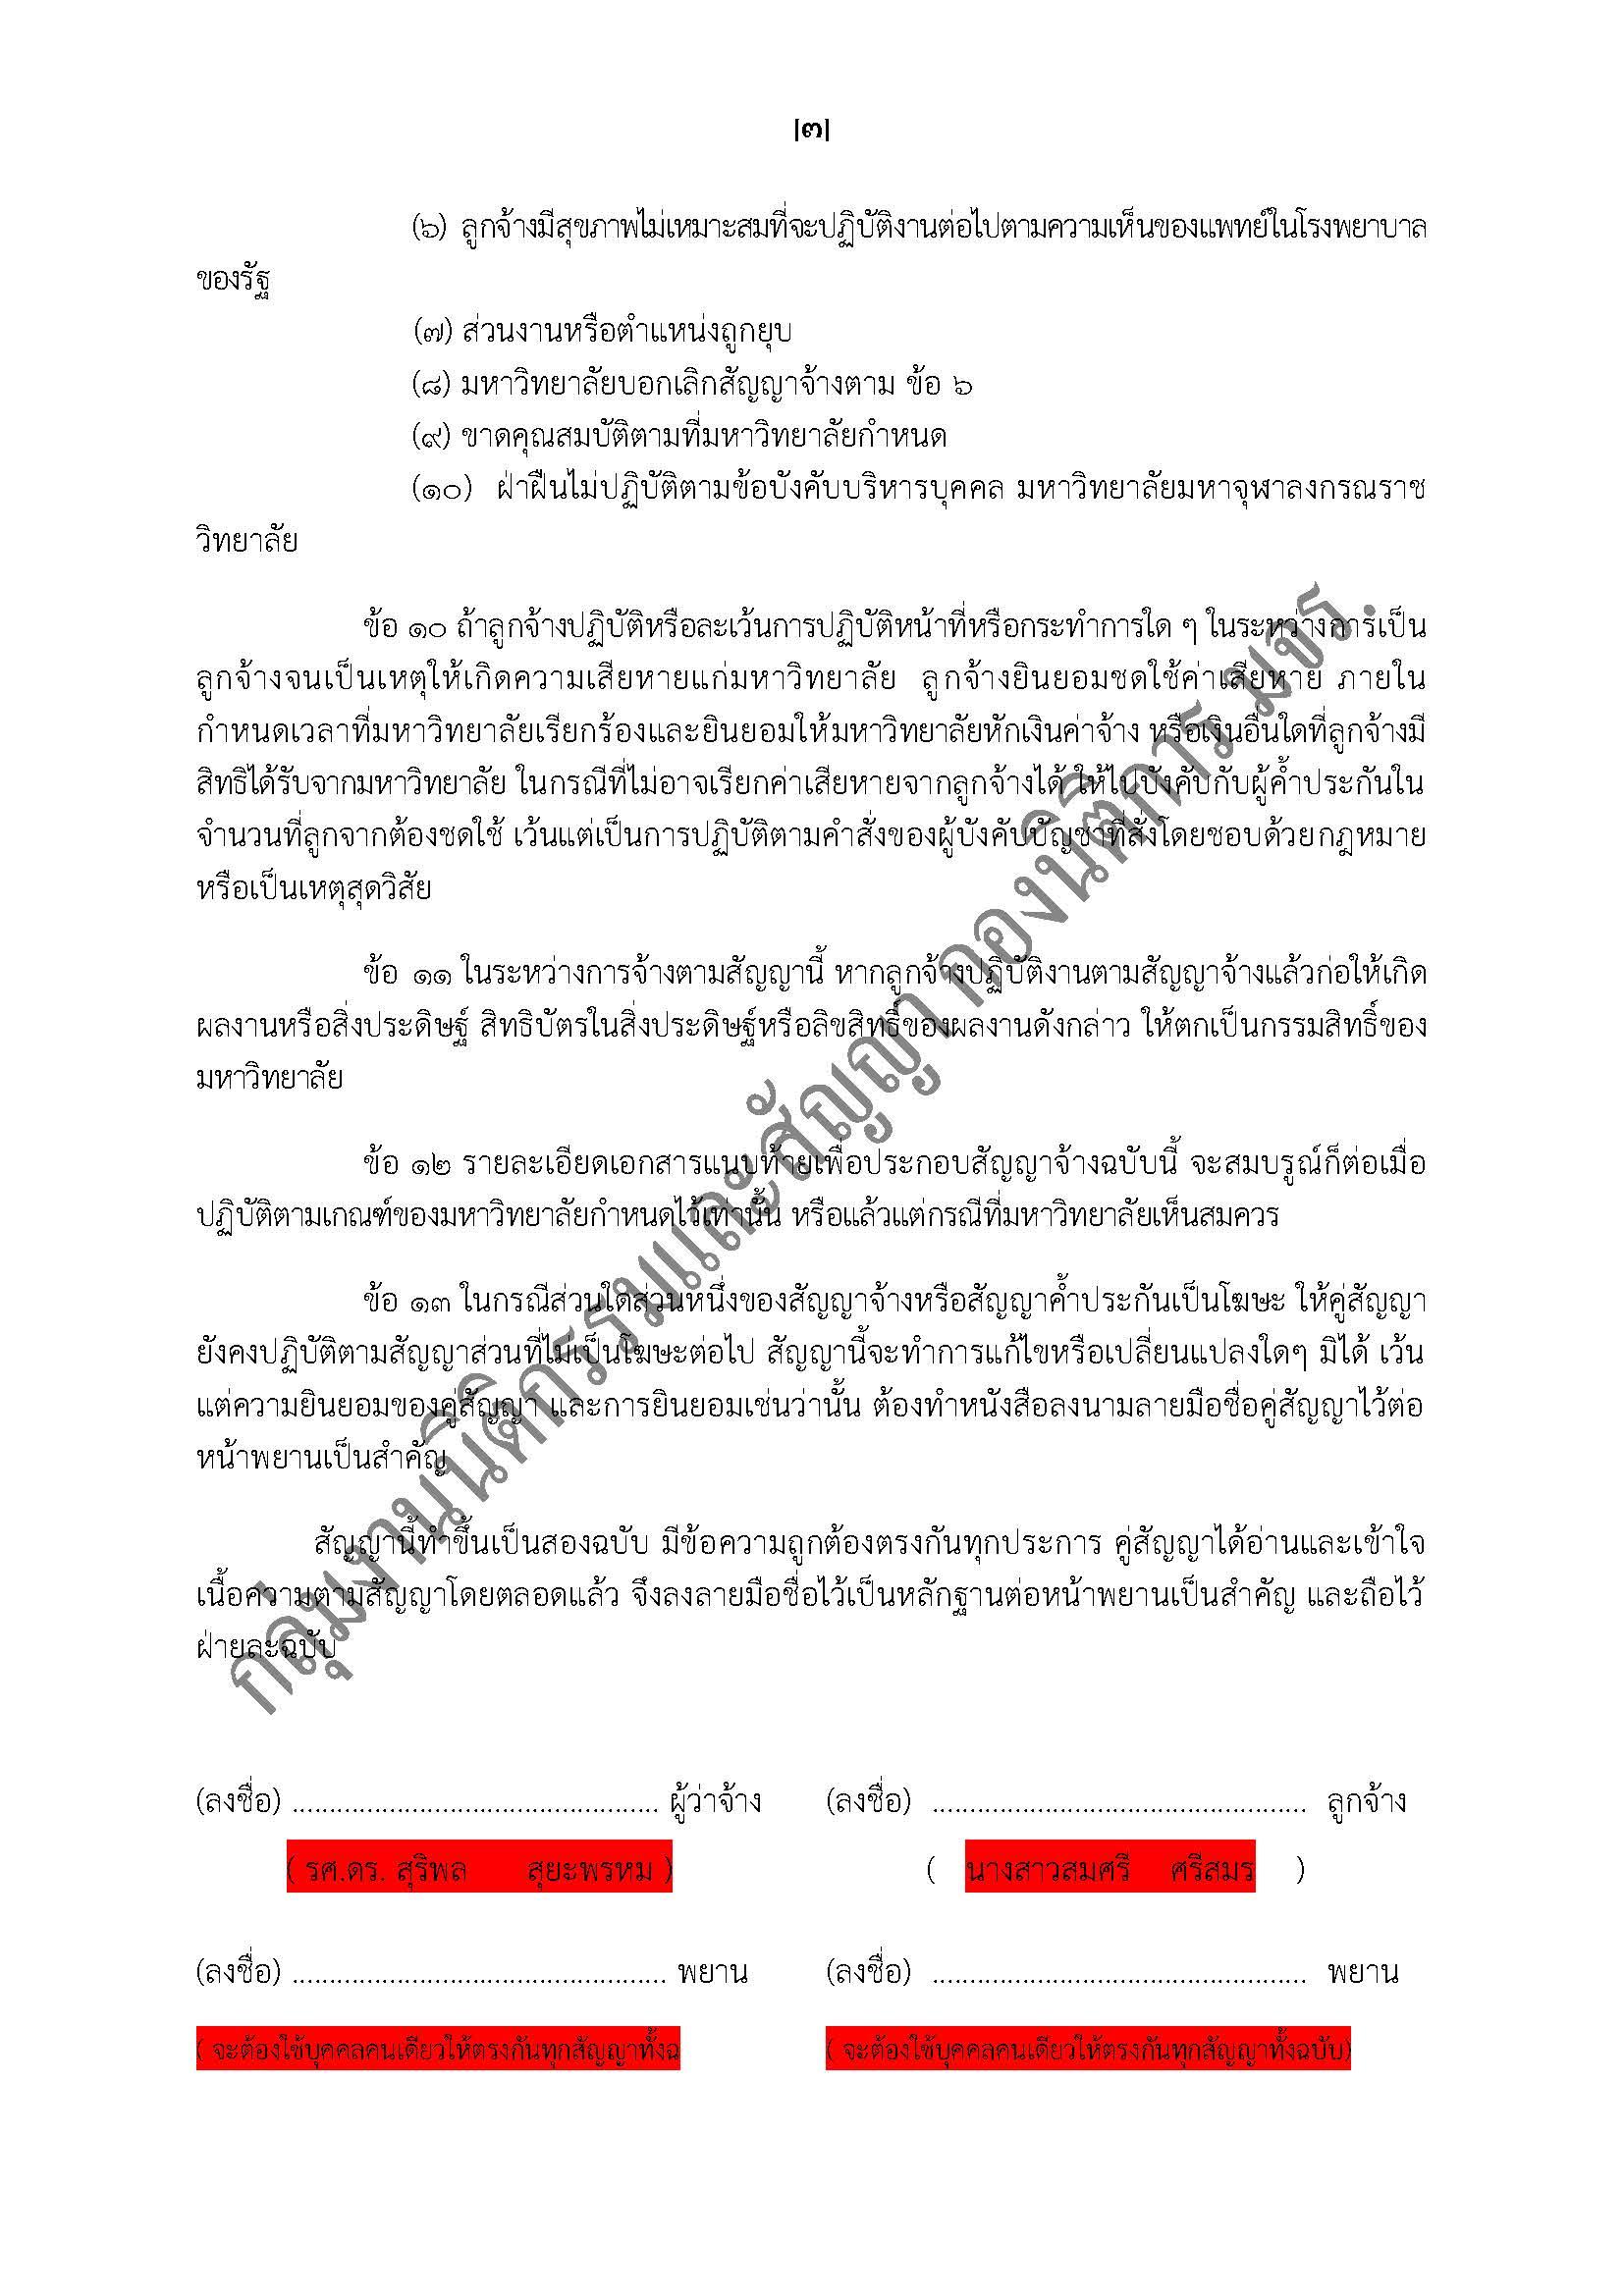 ตัวอย่างการกรอกสัญญาจ้างชั่วคราว บค 49_Page_3